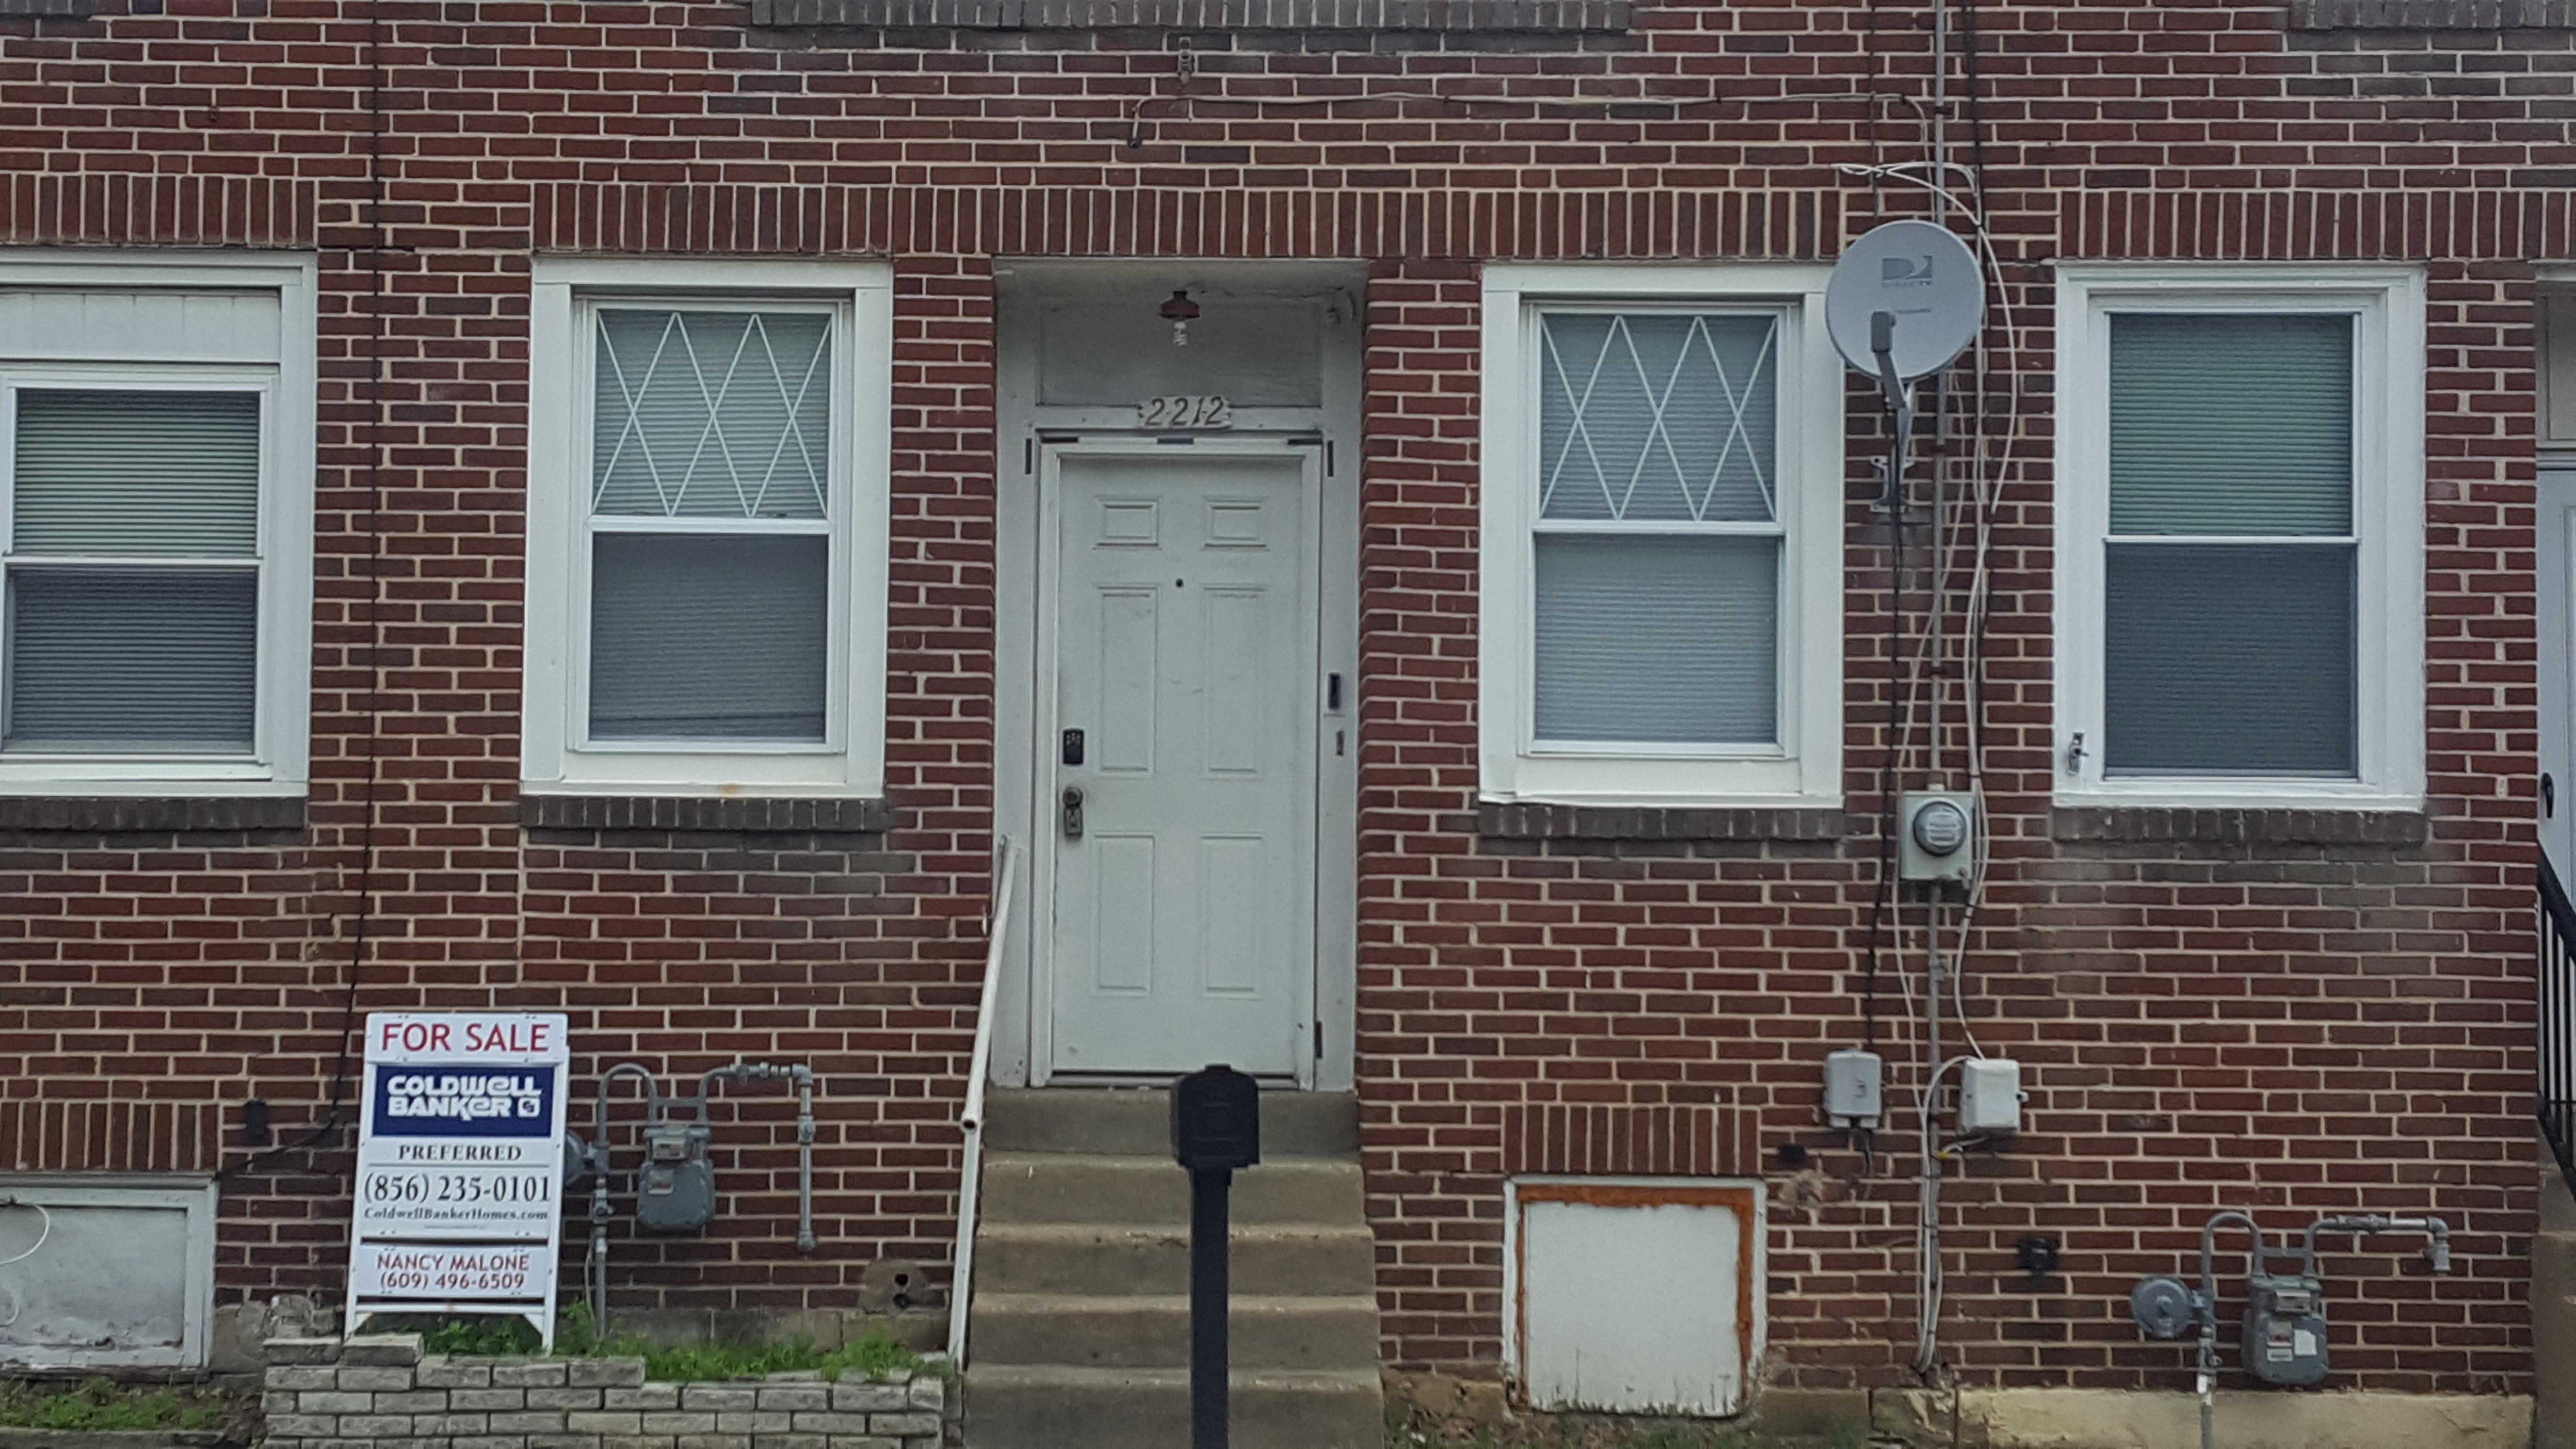 2212 Good Intent Rd, Deptford Township, NJ